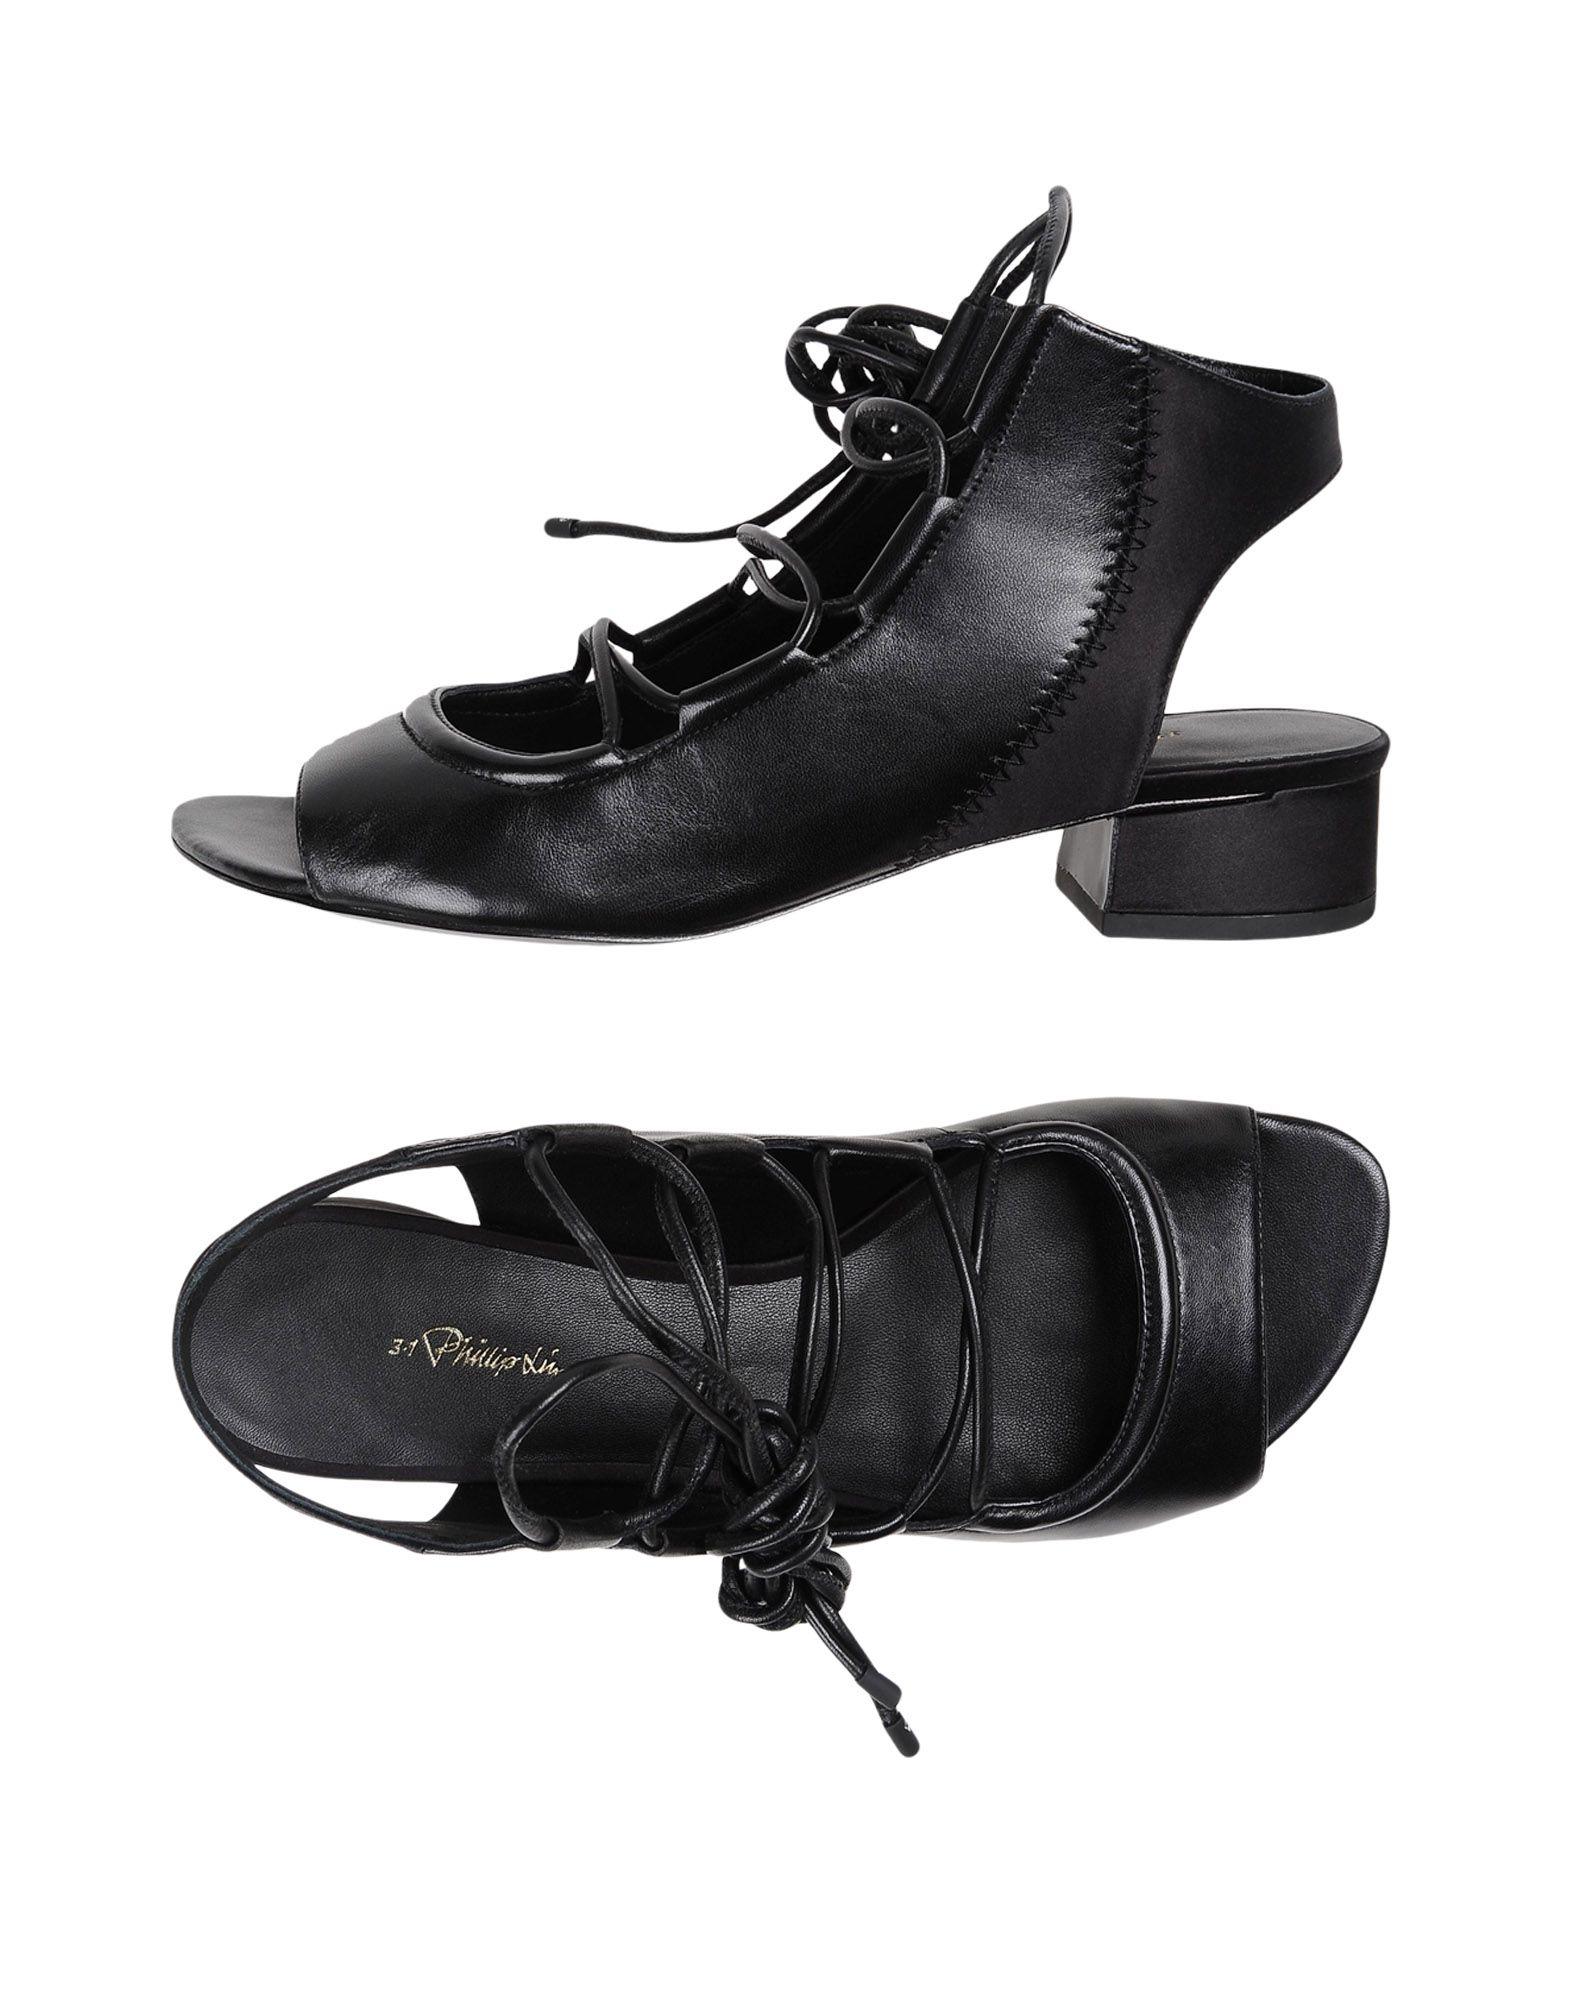 Stilvolle Stilvolle Stilvolle billige Schuhe 3.1 Phillip Lim Sandalen Damen  11117929FA 72967e